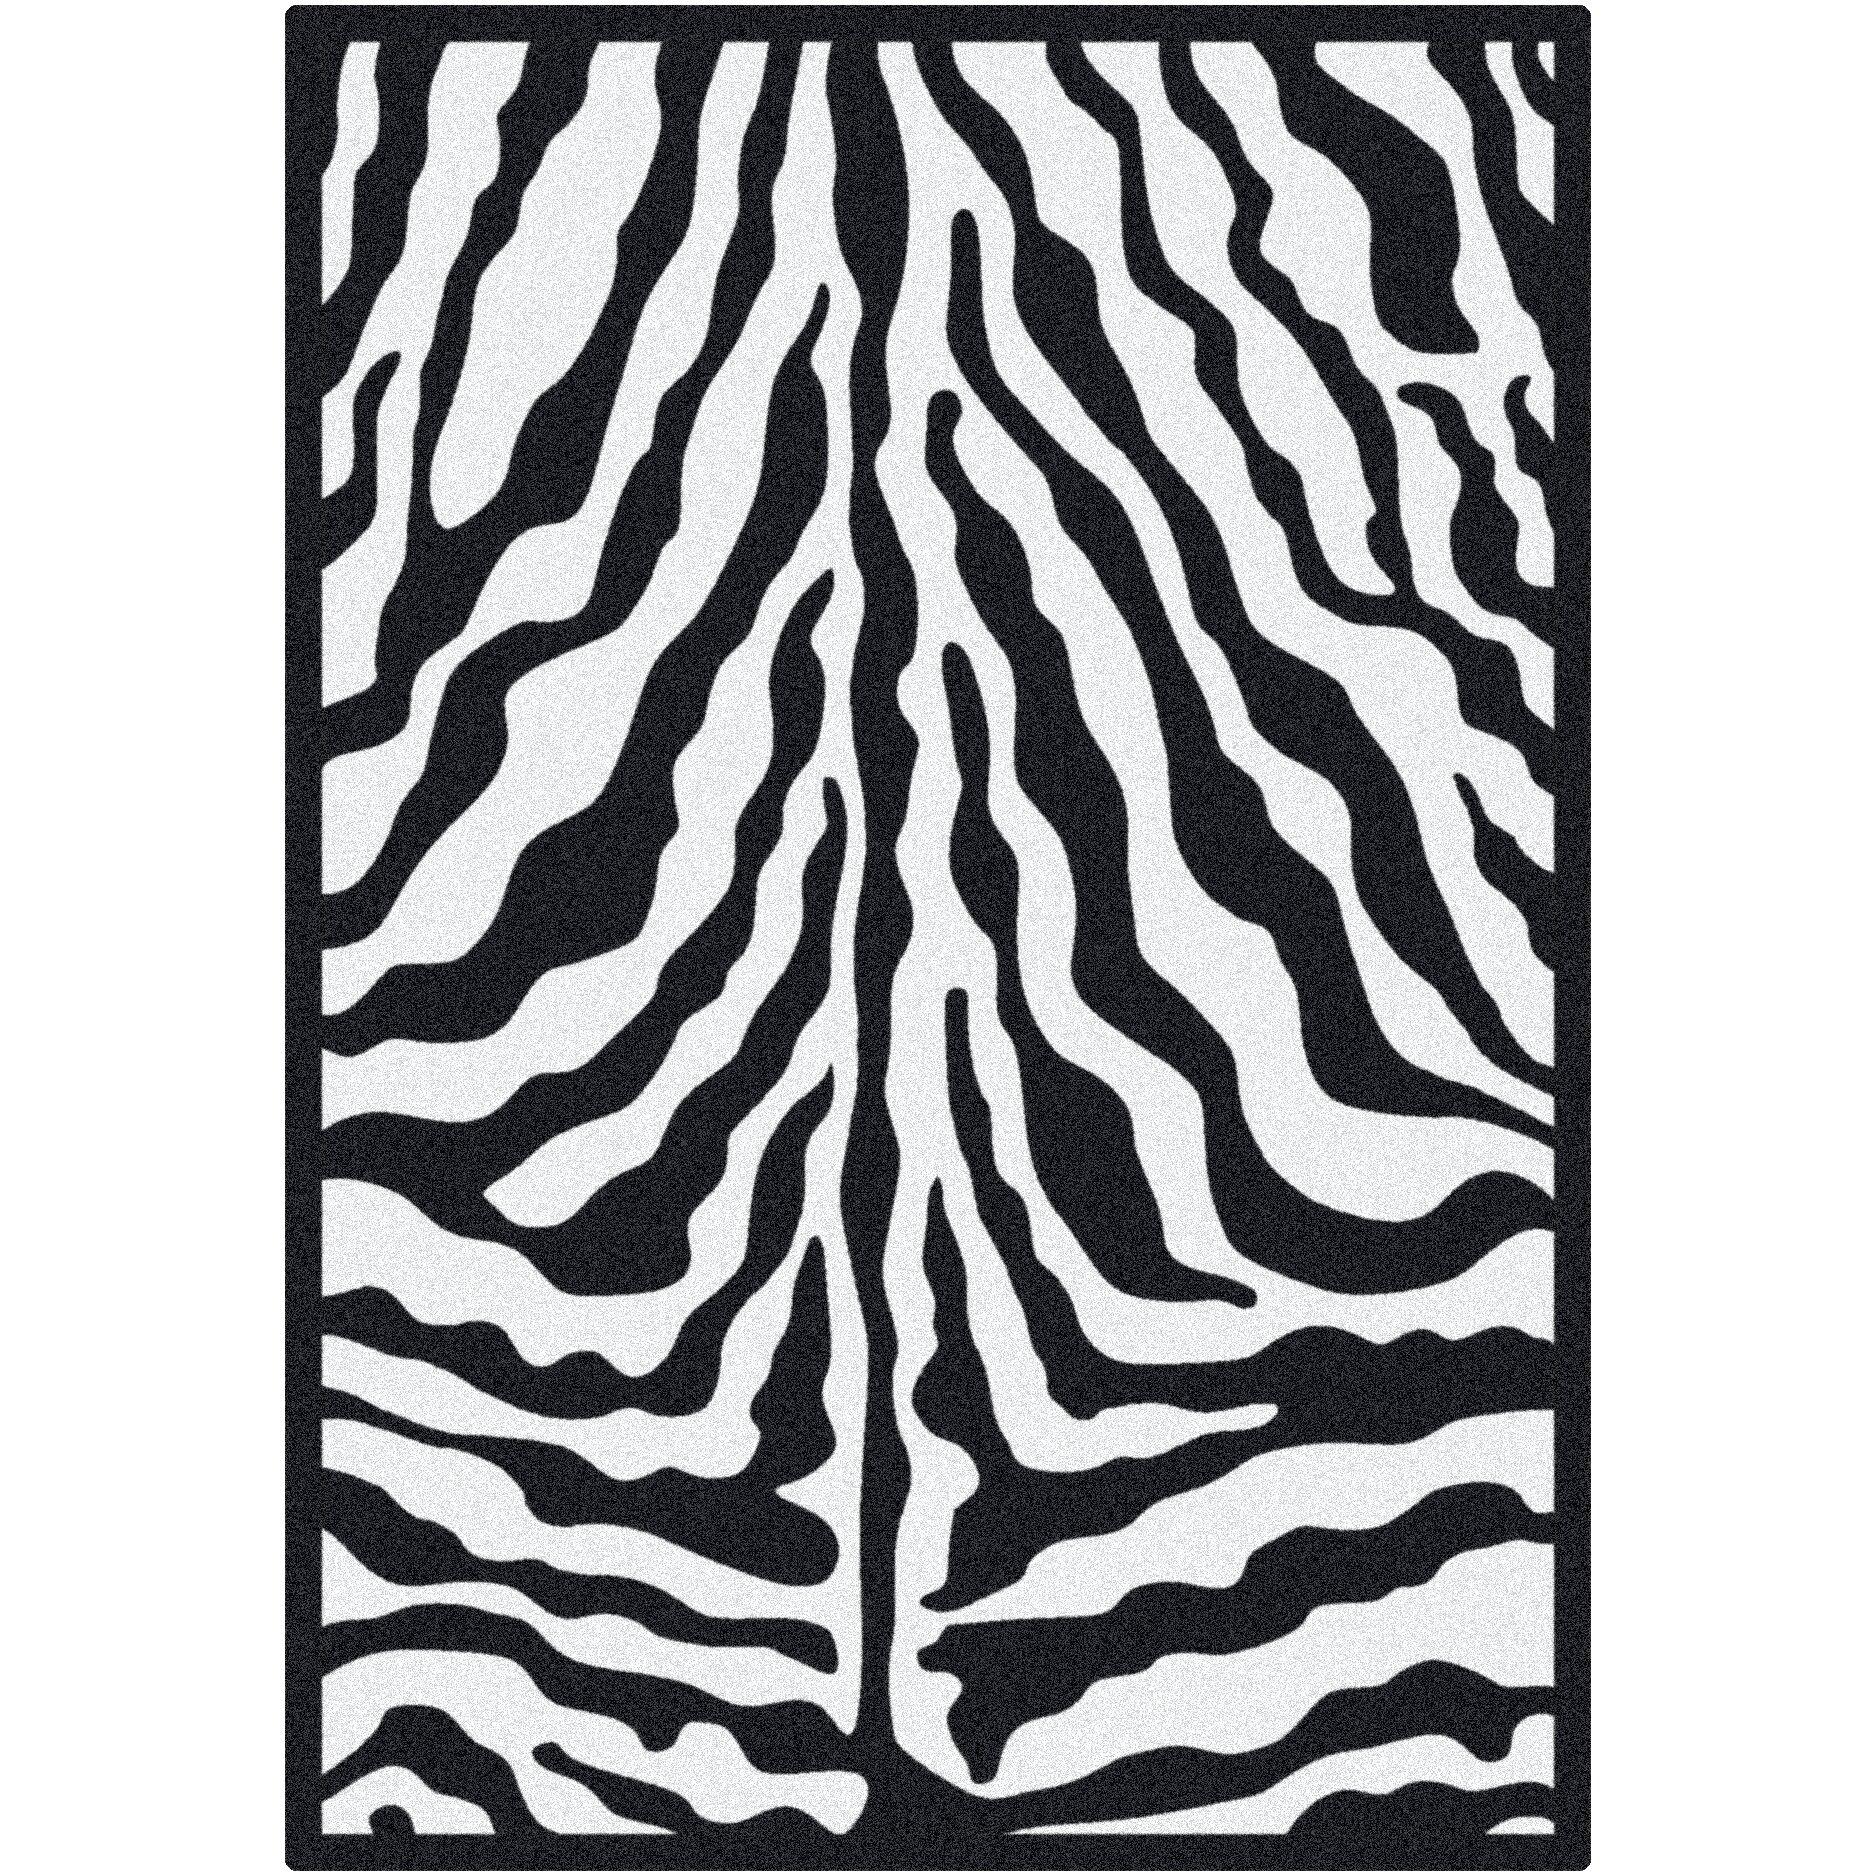 Zebra Rug Wayfair: Milliken Black & White Zebra Glam Black Ink Area Rug